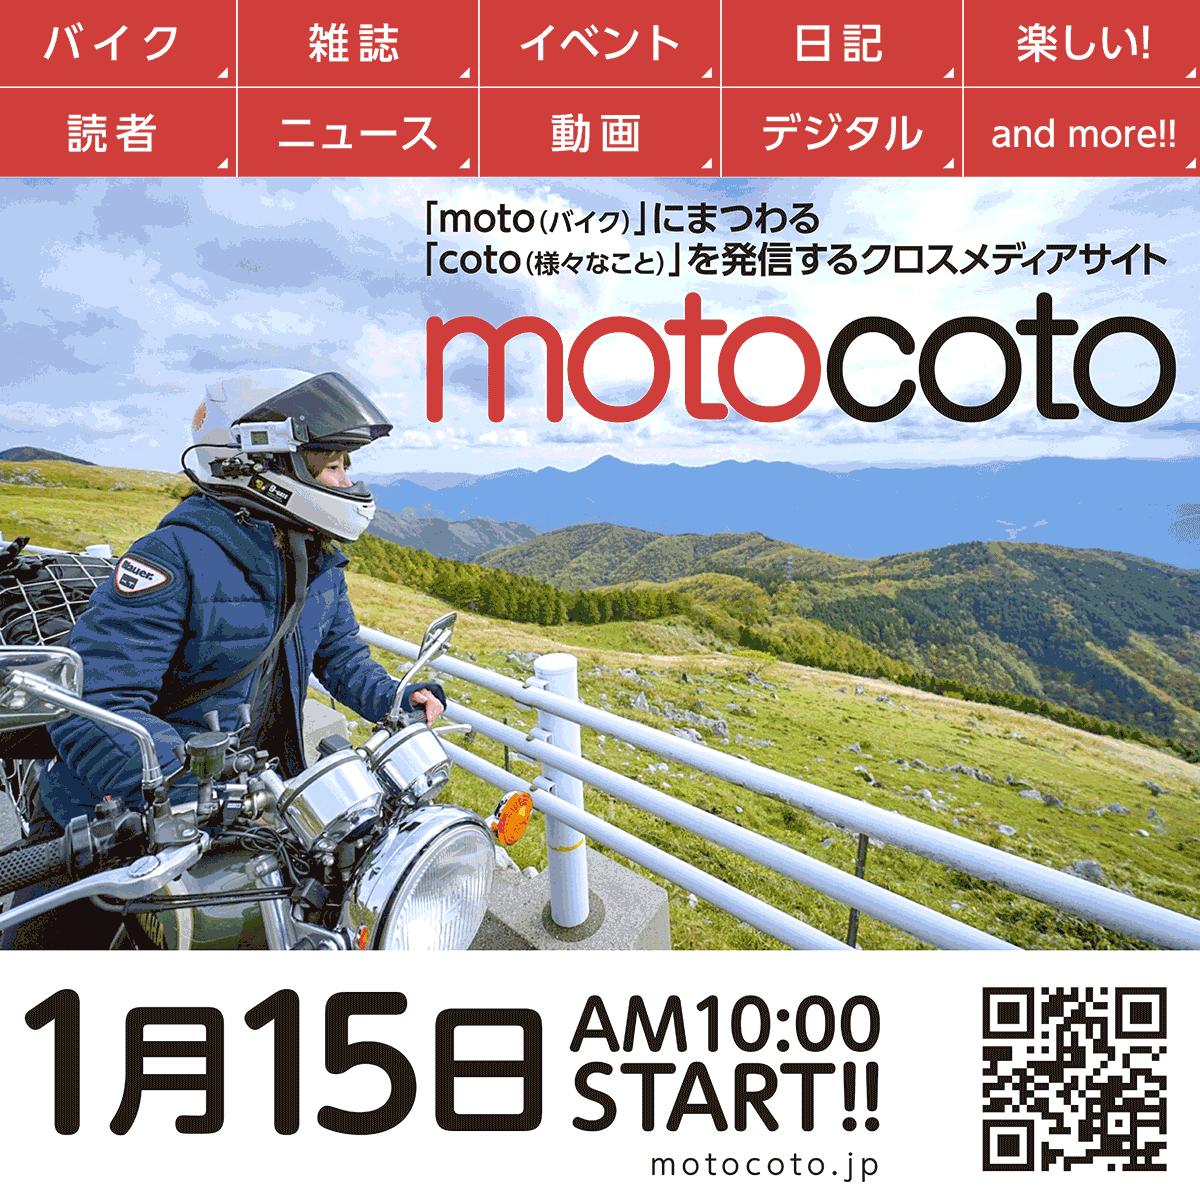 motocoto-モトコト